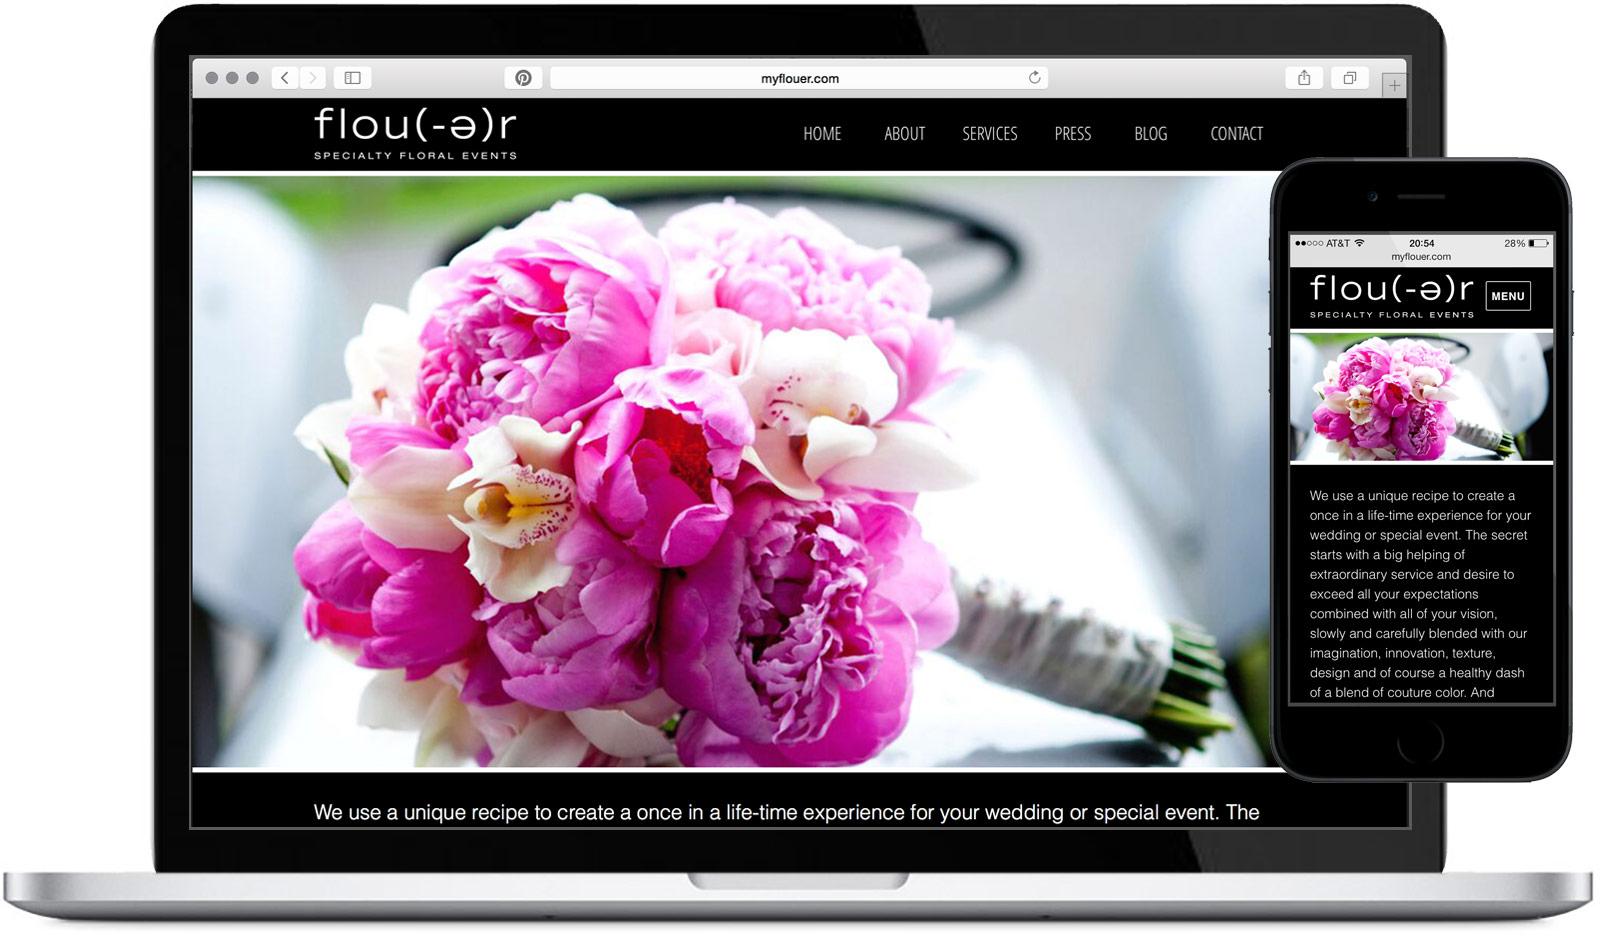 Flou(-e)r Website